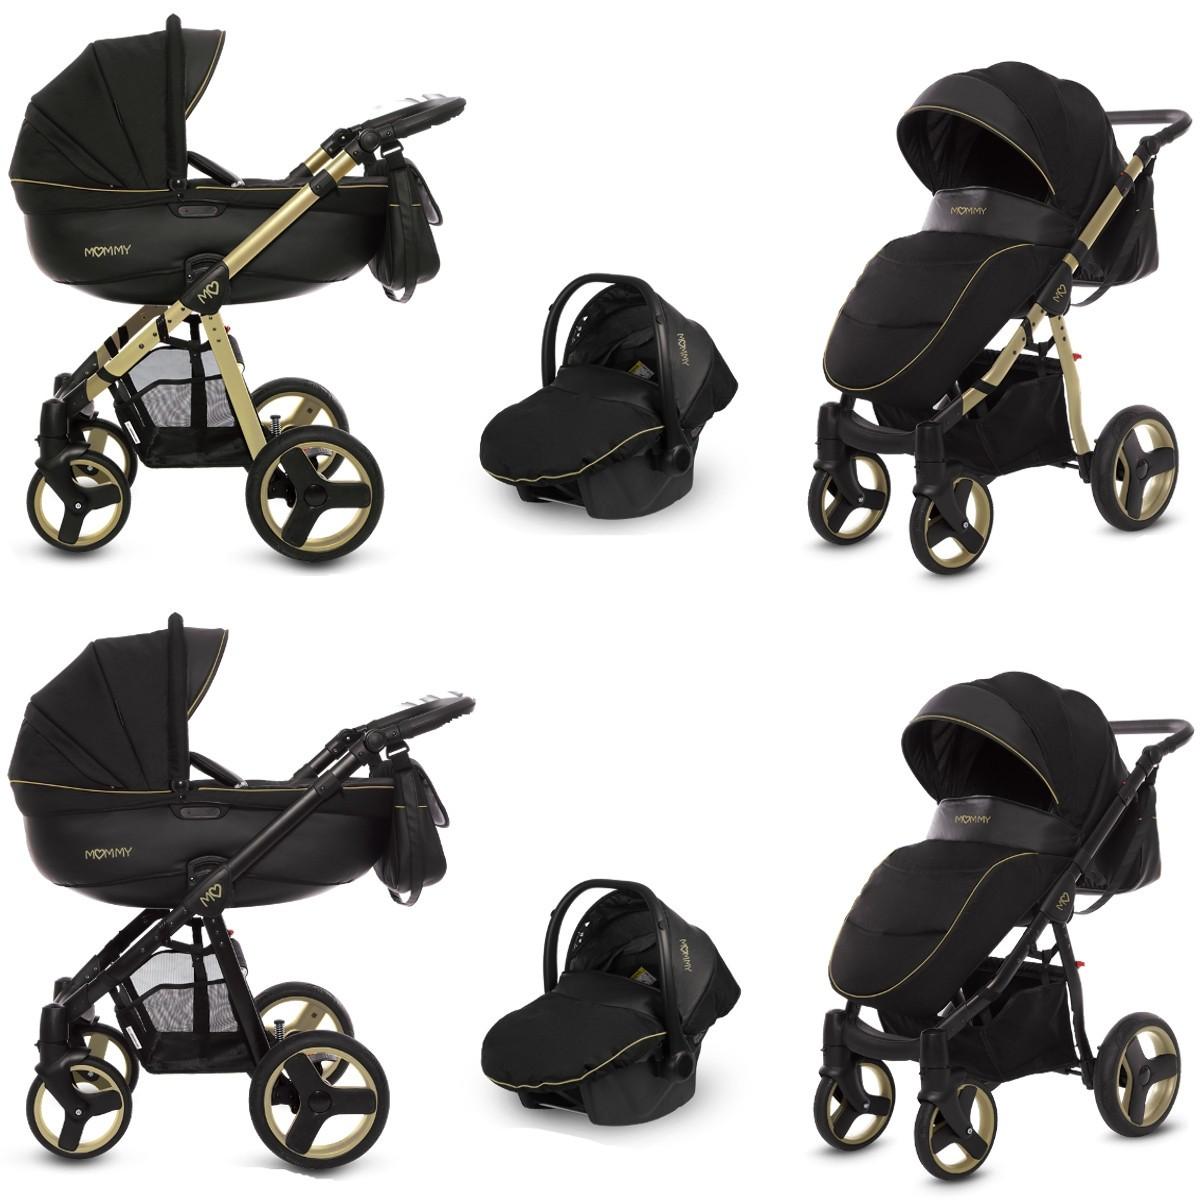 MOMMY Kombi Kinderwagen 2in1 mit Babywanne + Sportwagenaufsatz / Buggy oder 3in1 + Babyschale / Autoschale, gold magic